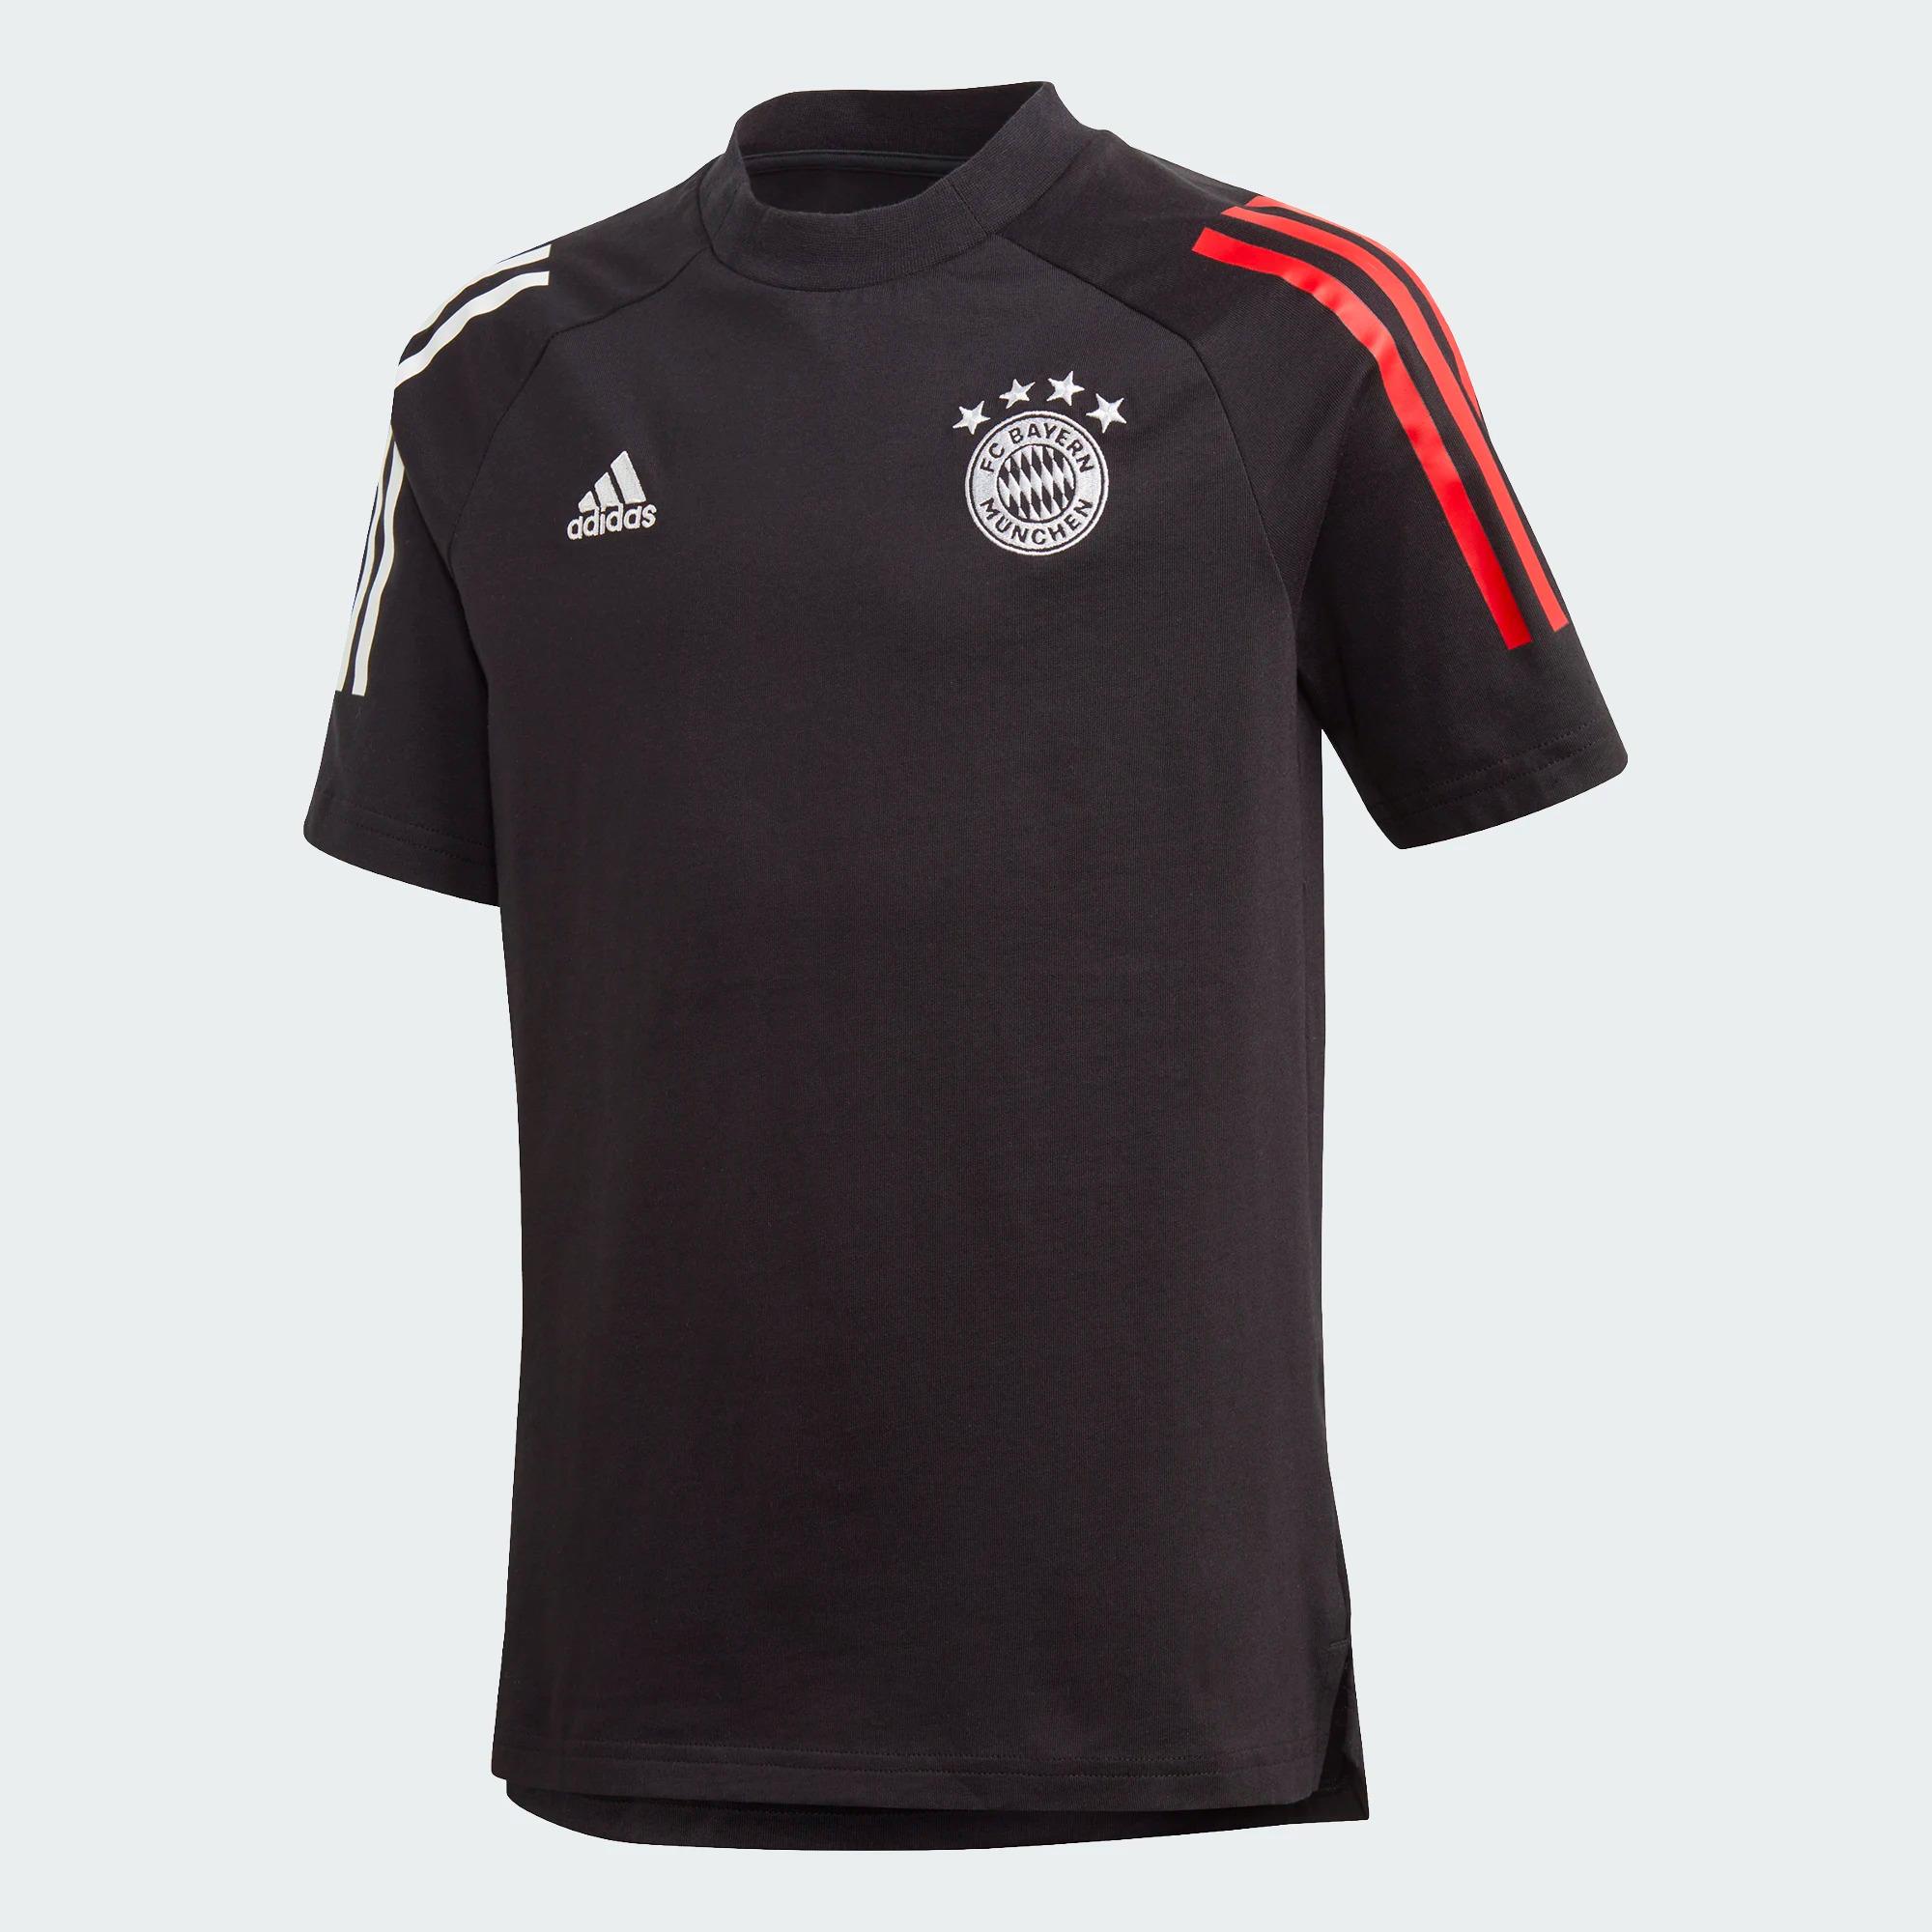 Adidas FC Bayern München T-Shirt